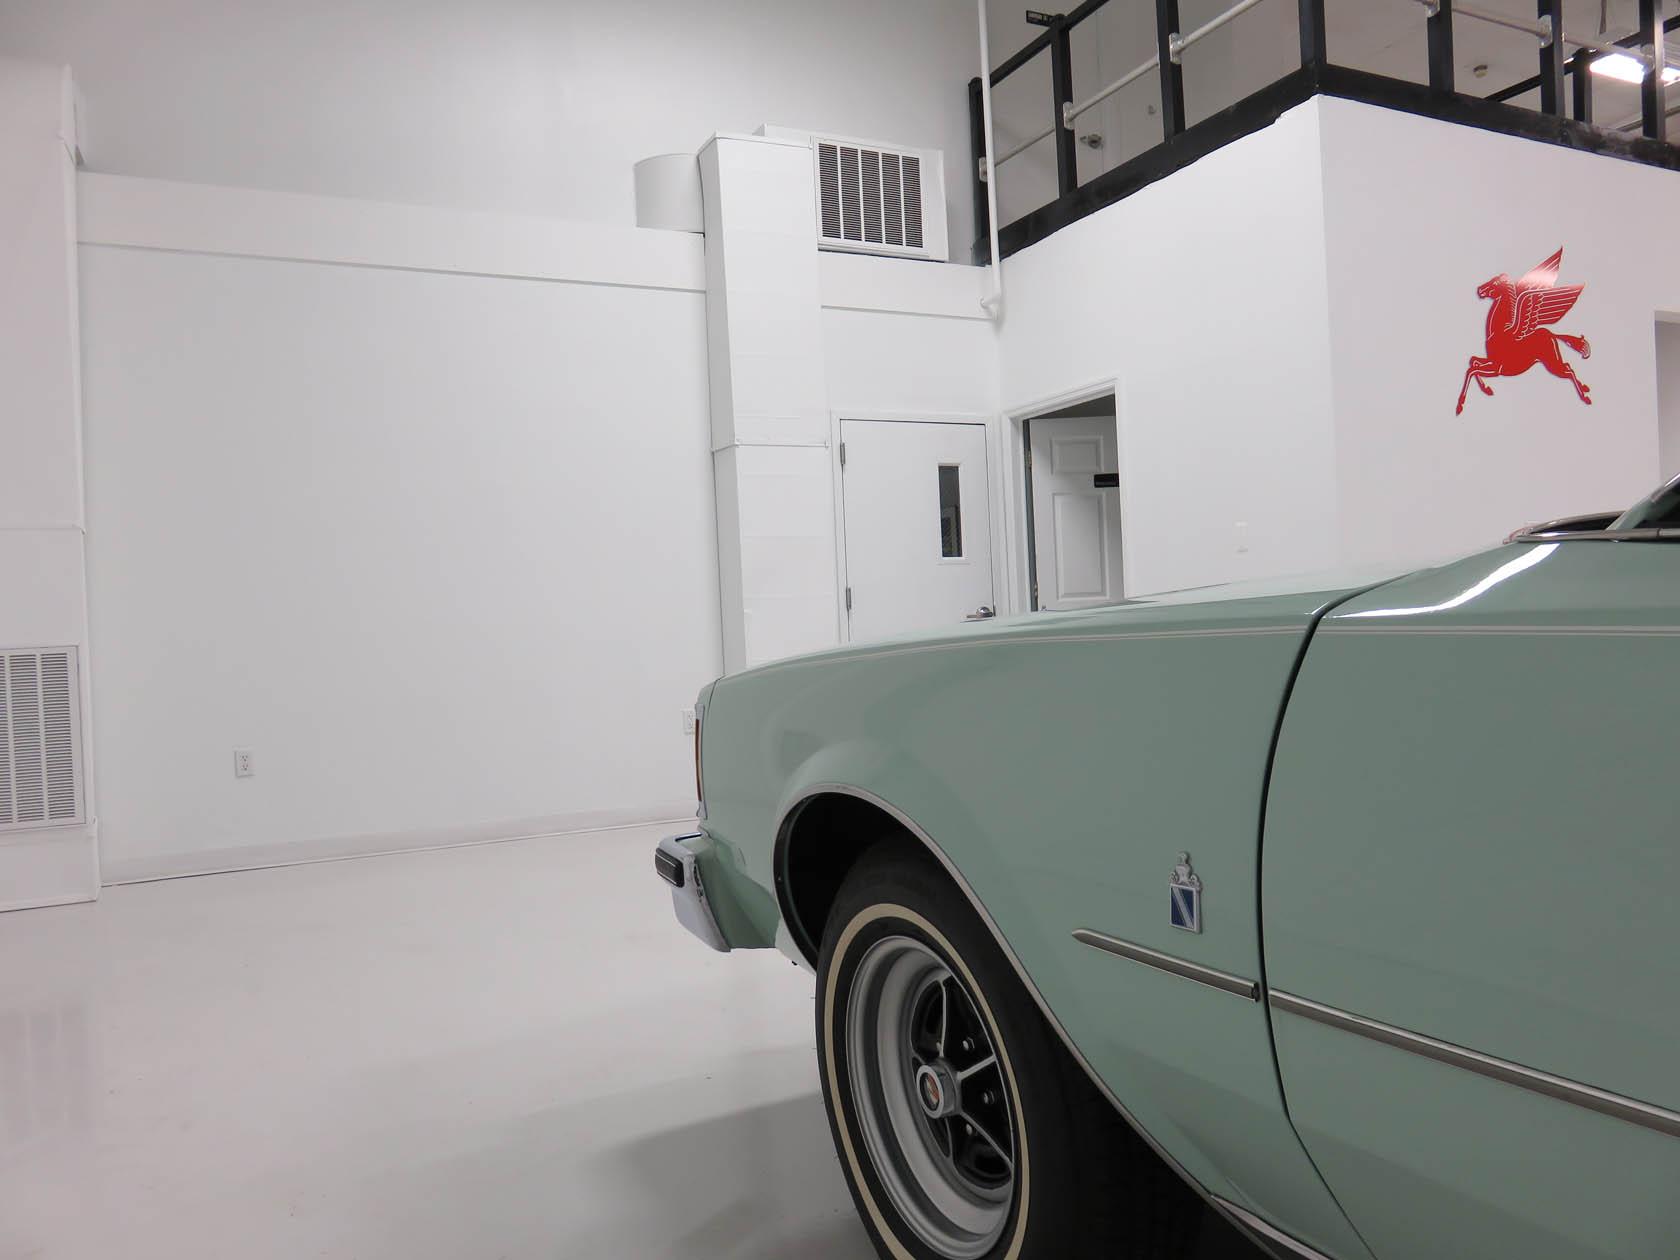 Michael Esposito - 1974 Oldsmobile Cutlasss Supreme 283